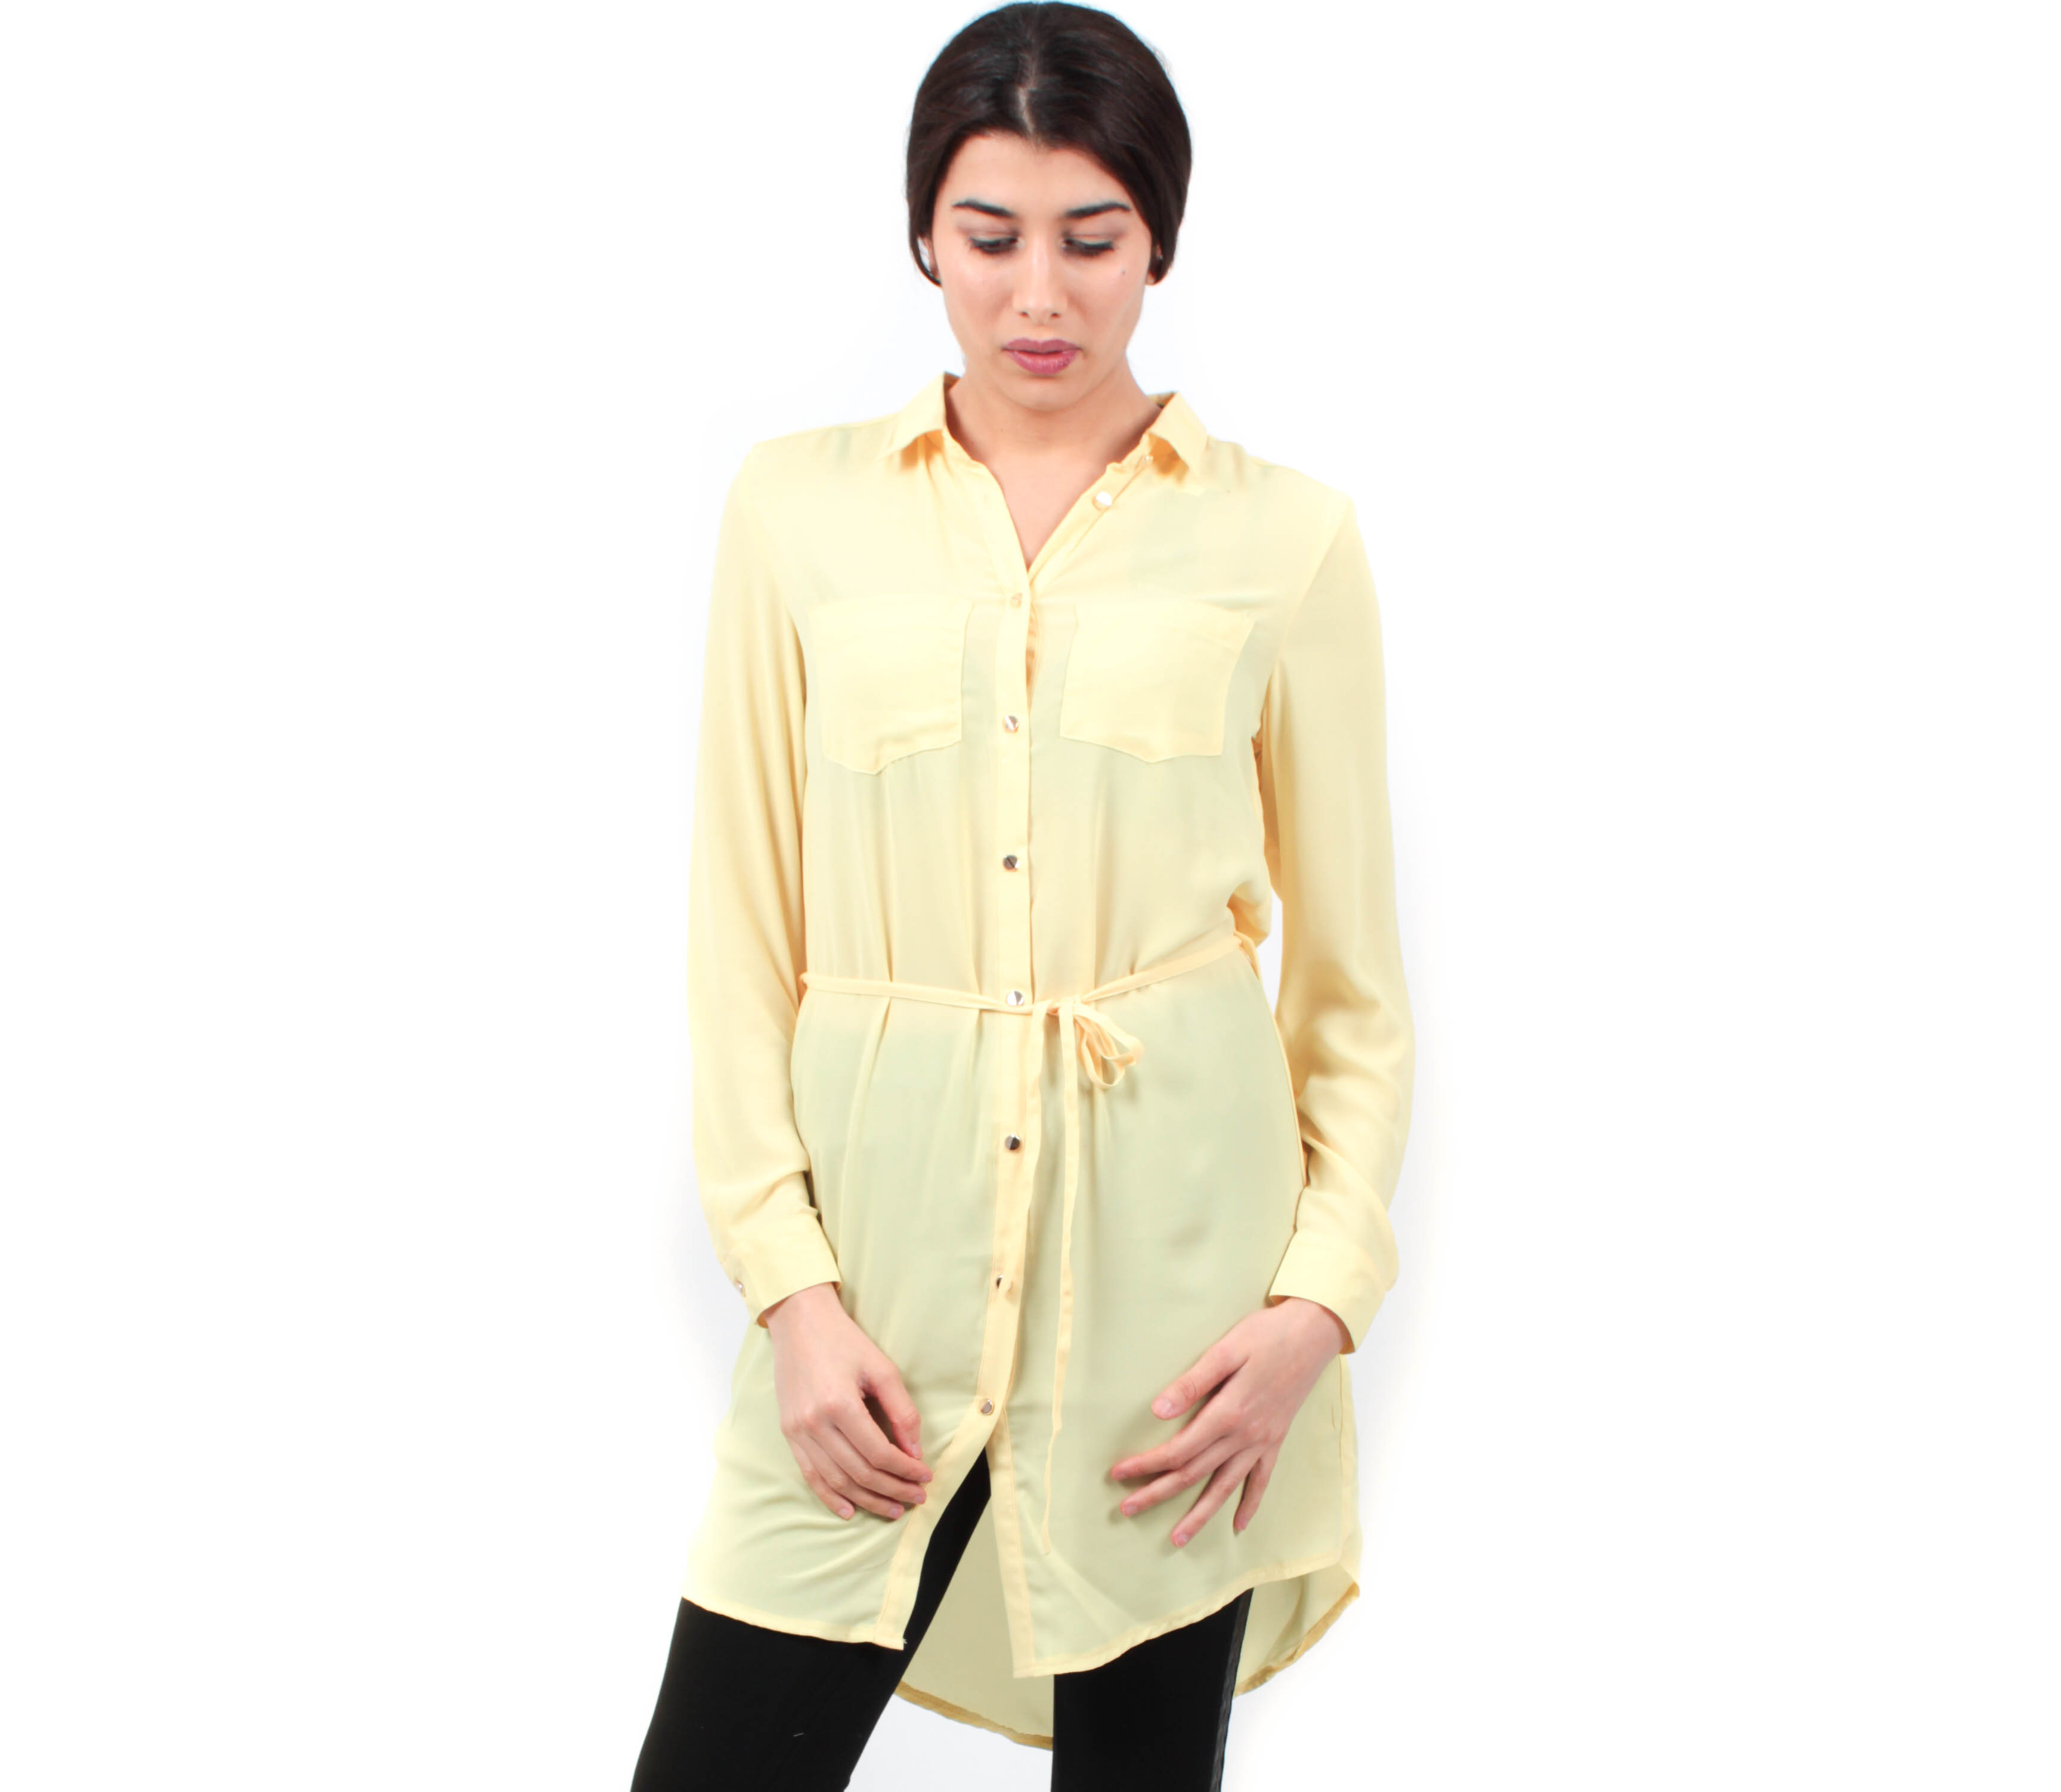 Je veux trouver une belle chemise femme et agréable à porter pas cher ICI  Chemise longue pour femme 256001a7d52a